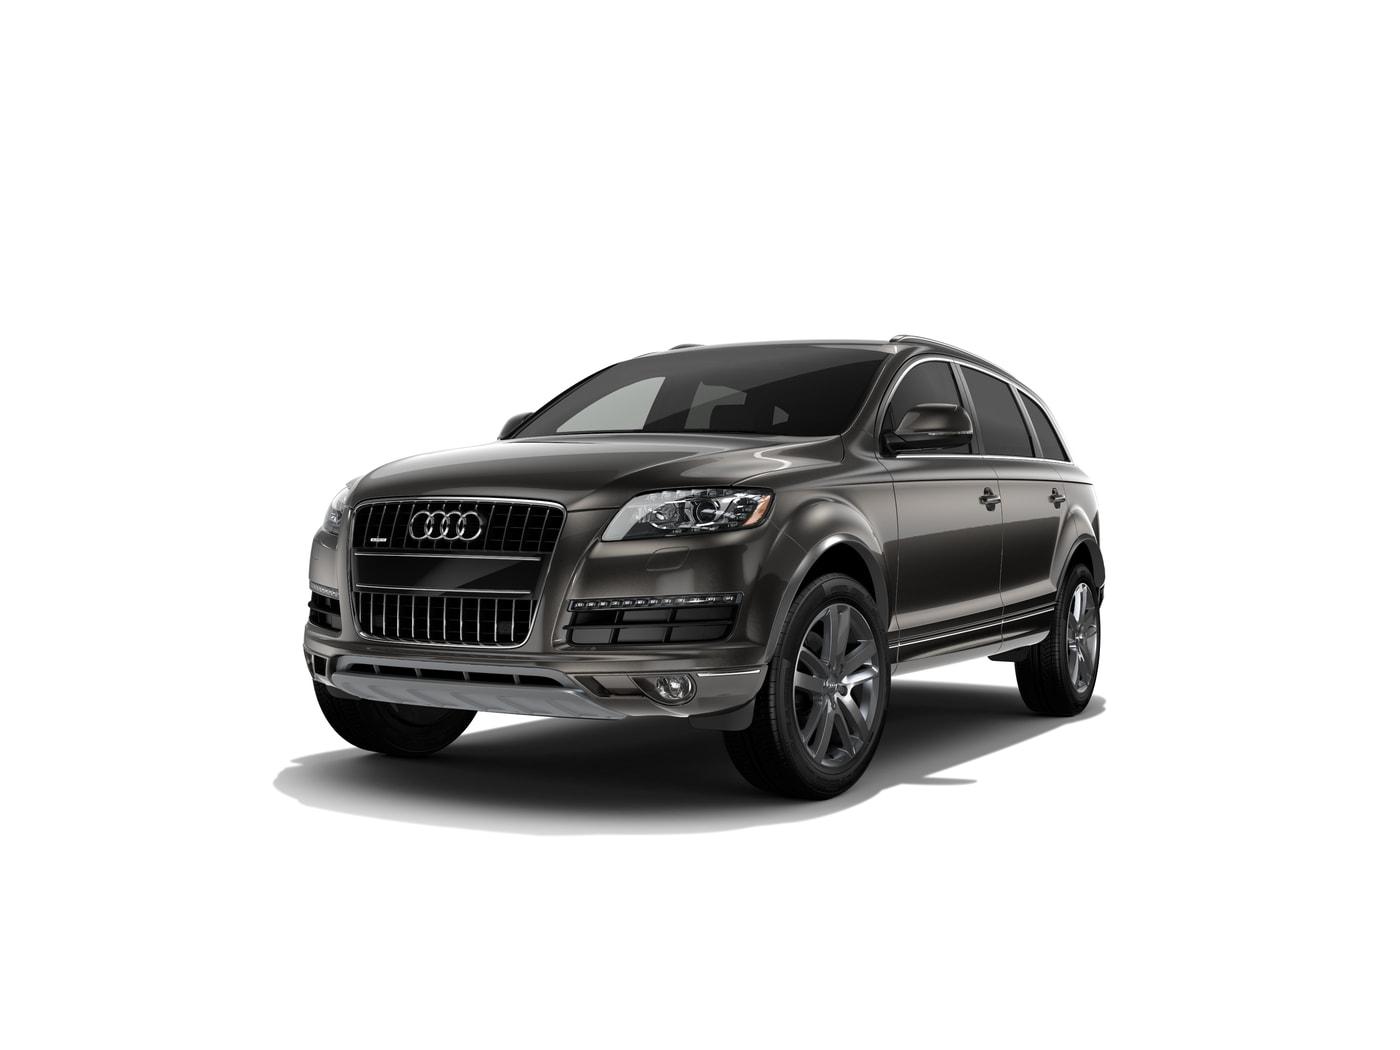 2015 Audi Q7 3.0 TDI Premium Plus (Tiptronic) SUV